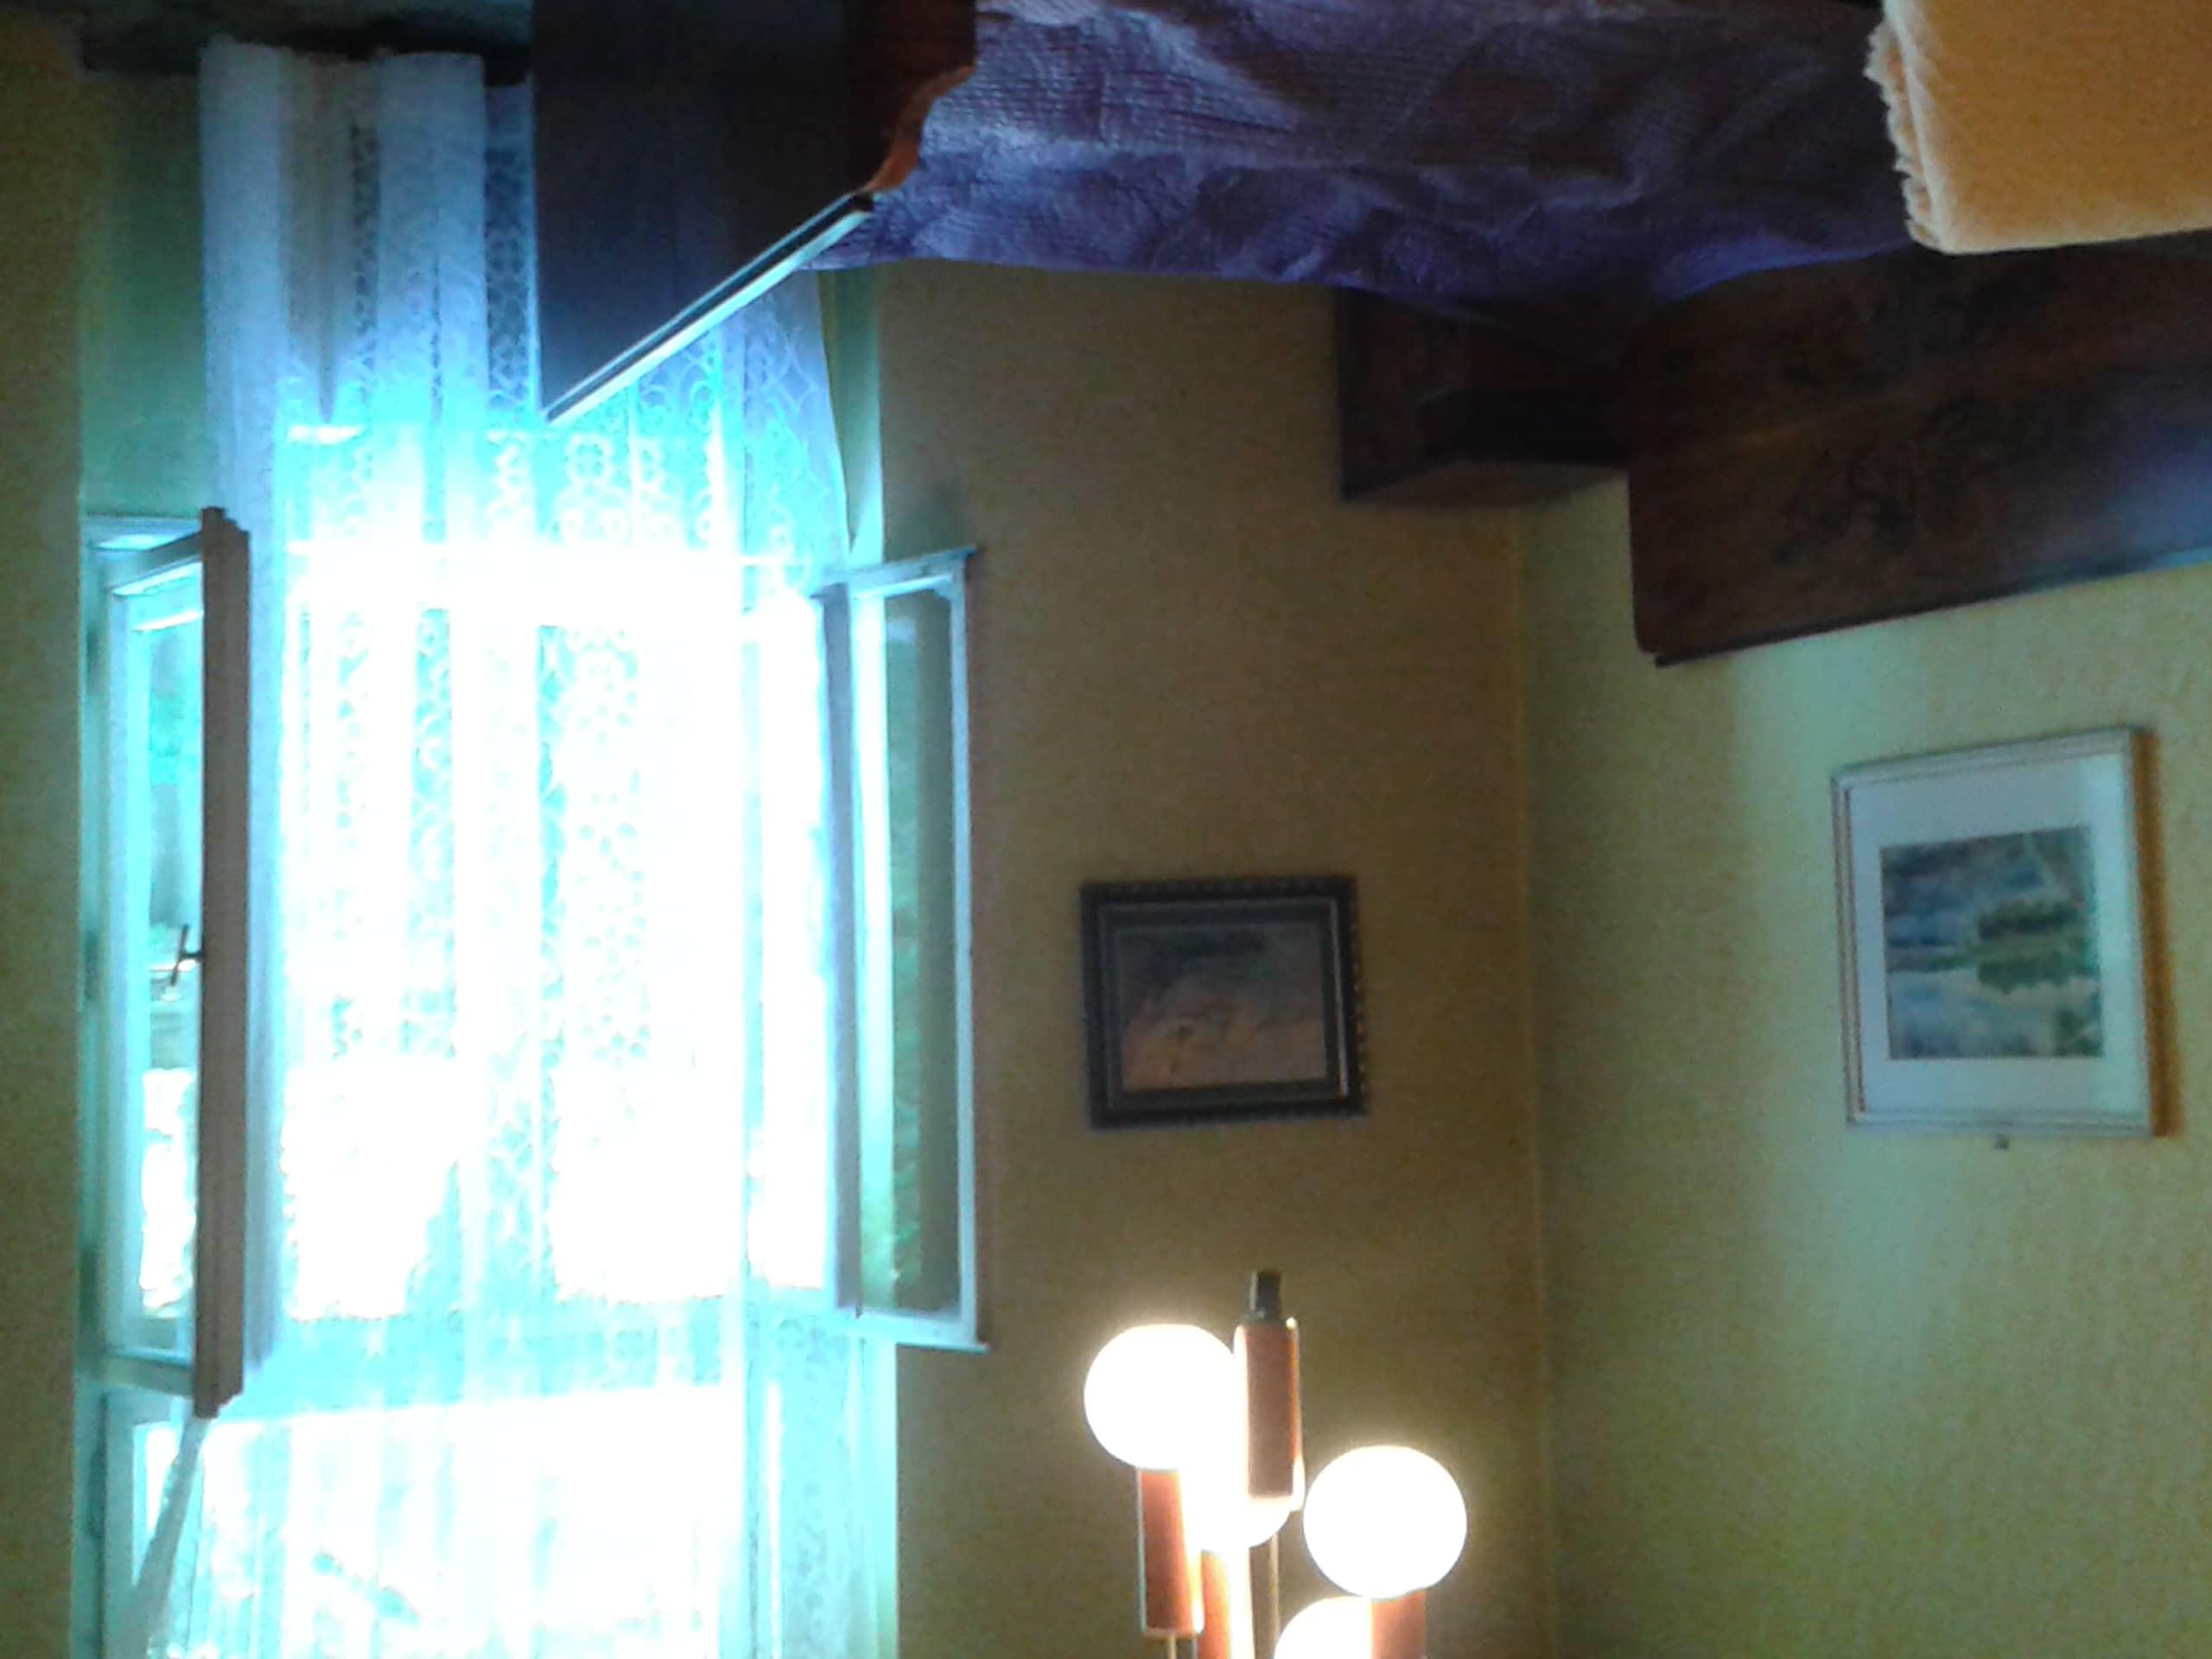 למכירה דירת 2 חדרים בשכונת ז'יז'קוב בפראג11 (12)